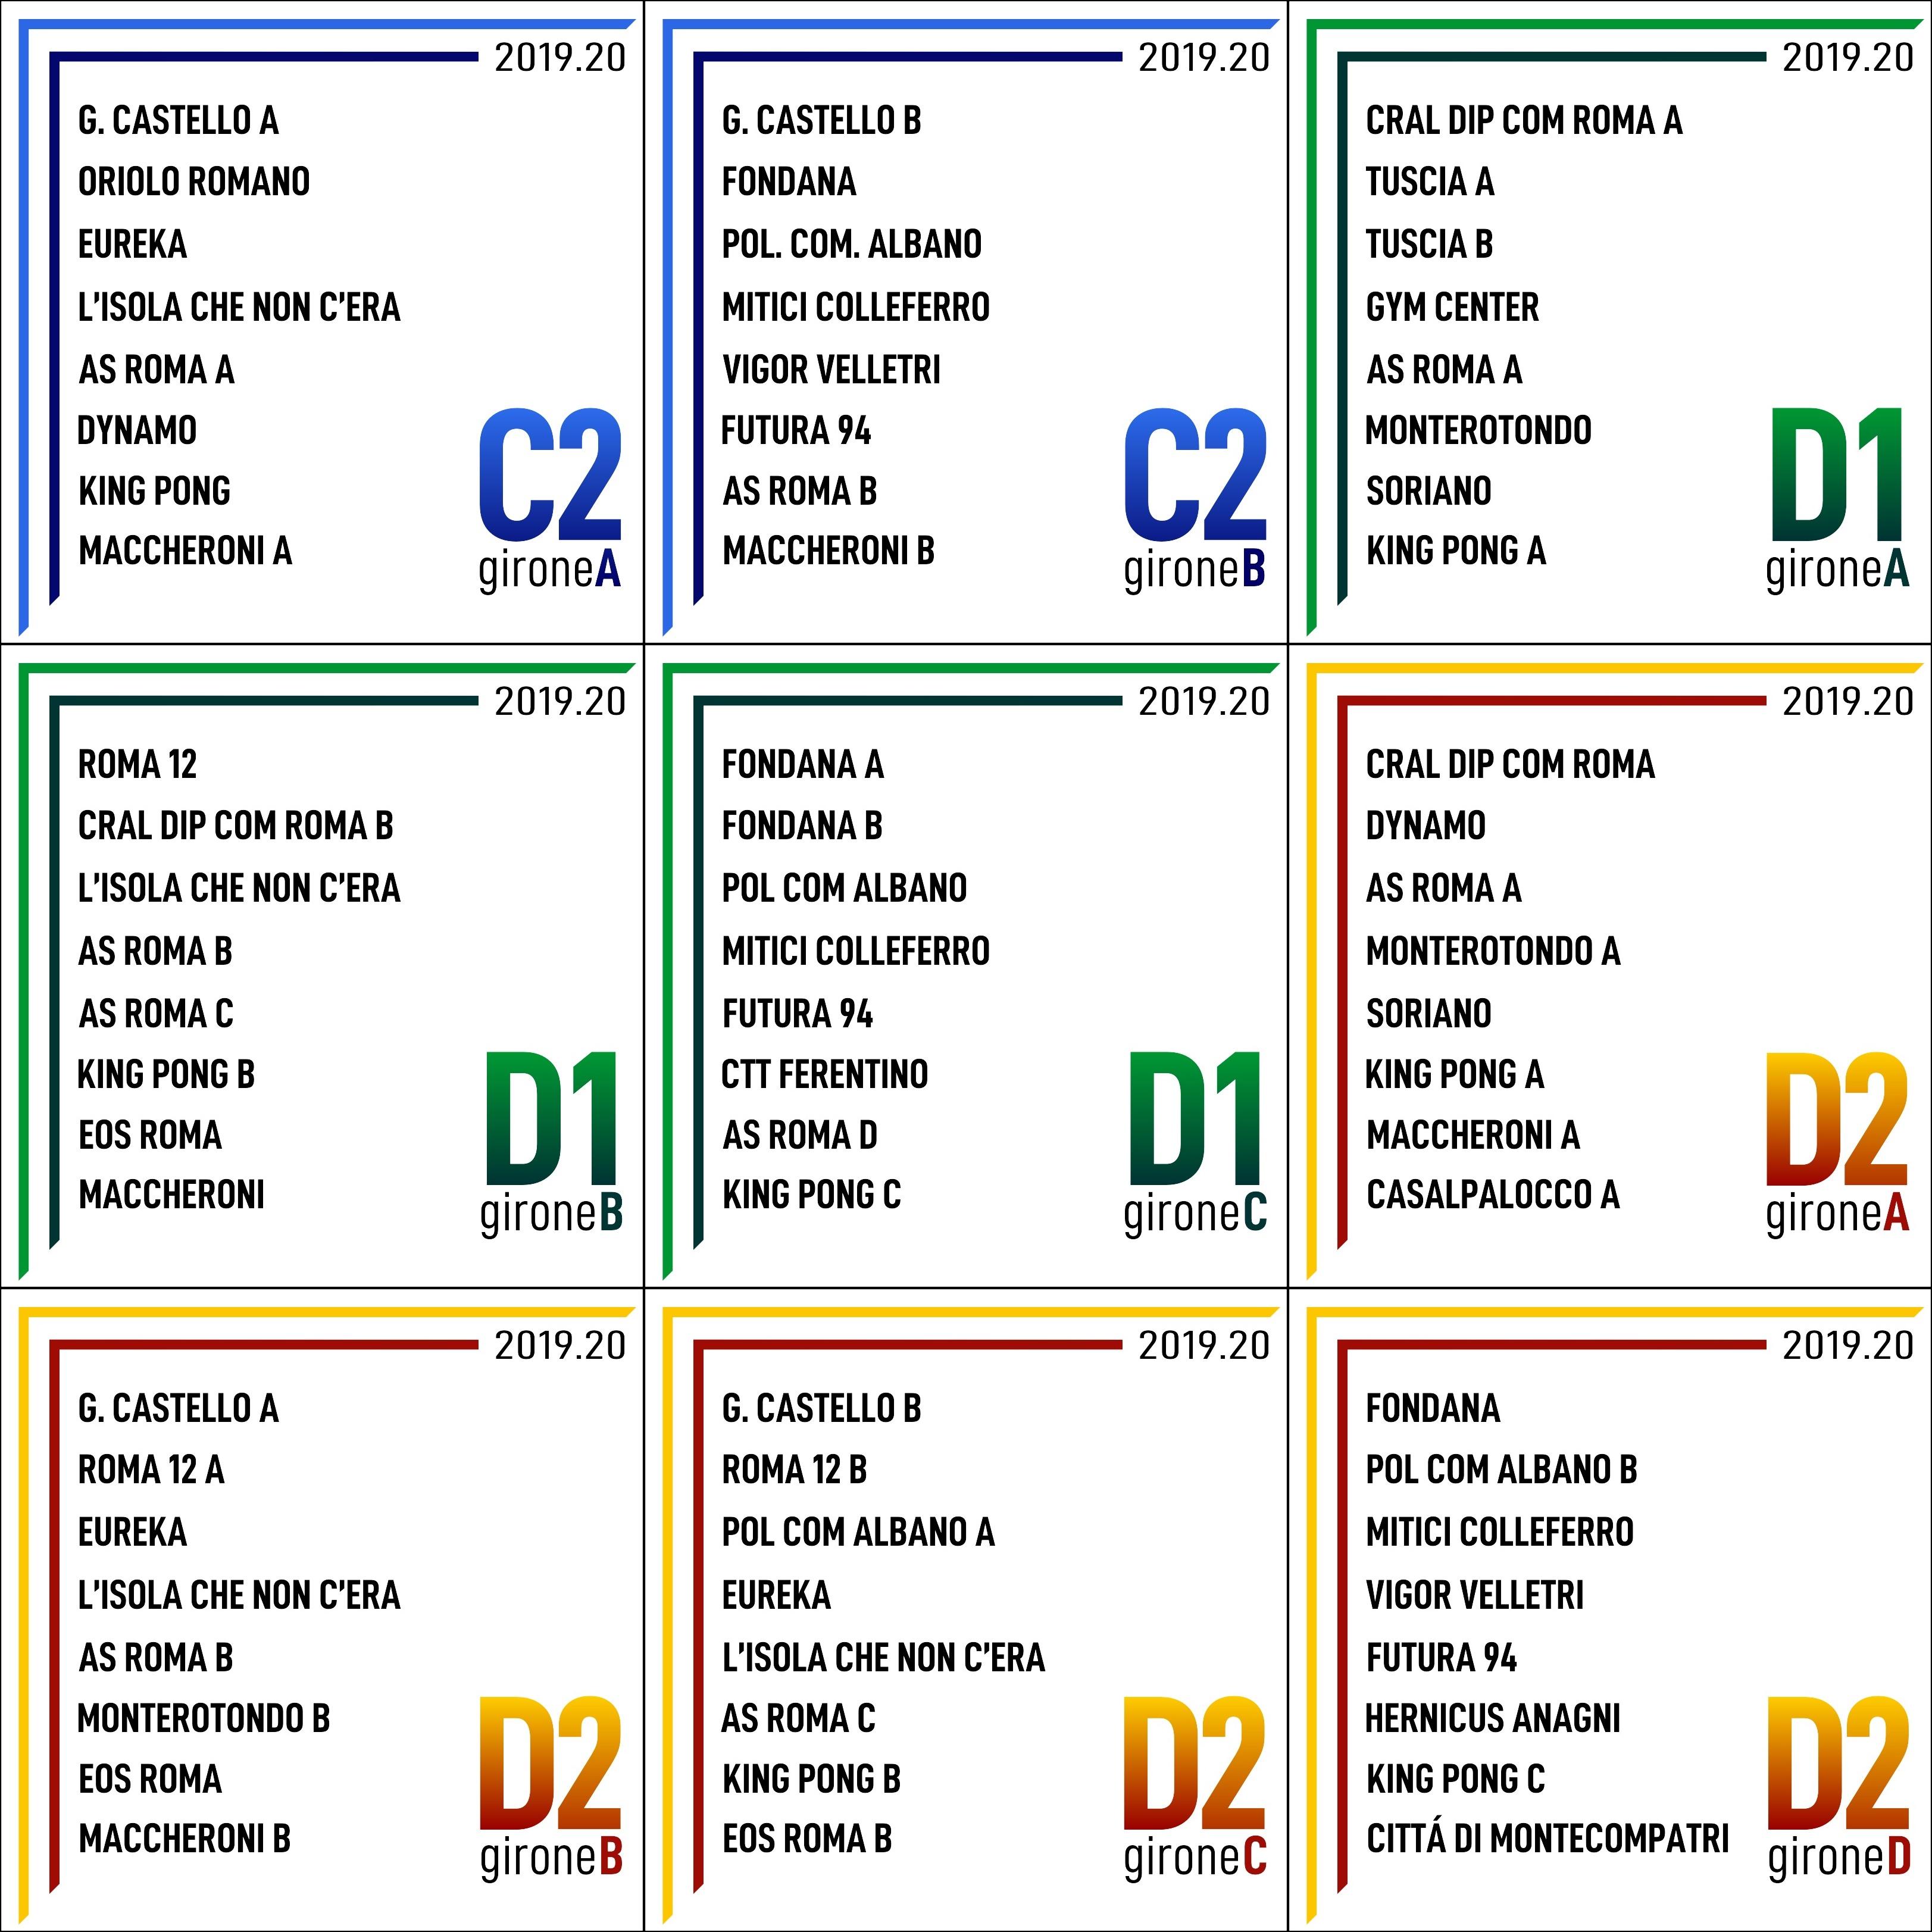 I 9 gironi C2 D1 D2